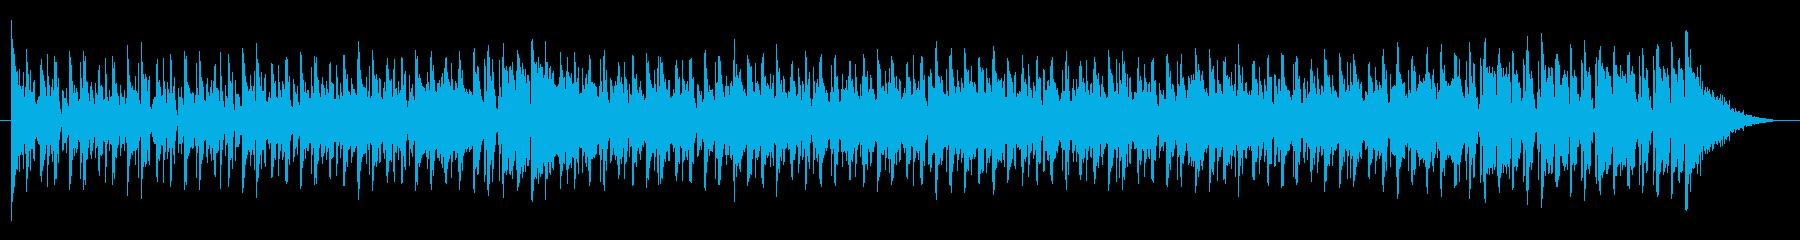 ベースがうねるバトル系テクノロックの再生済みの波形